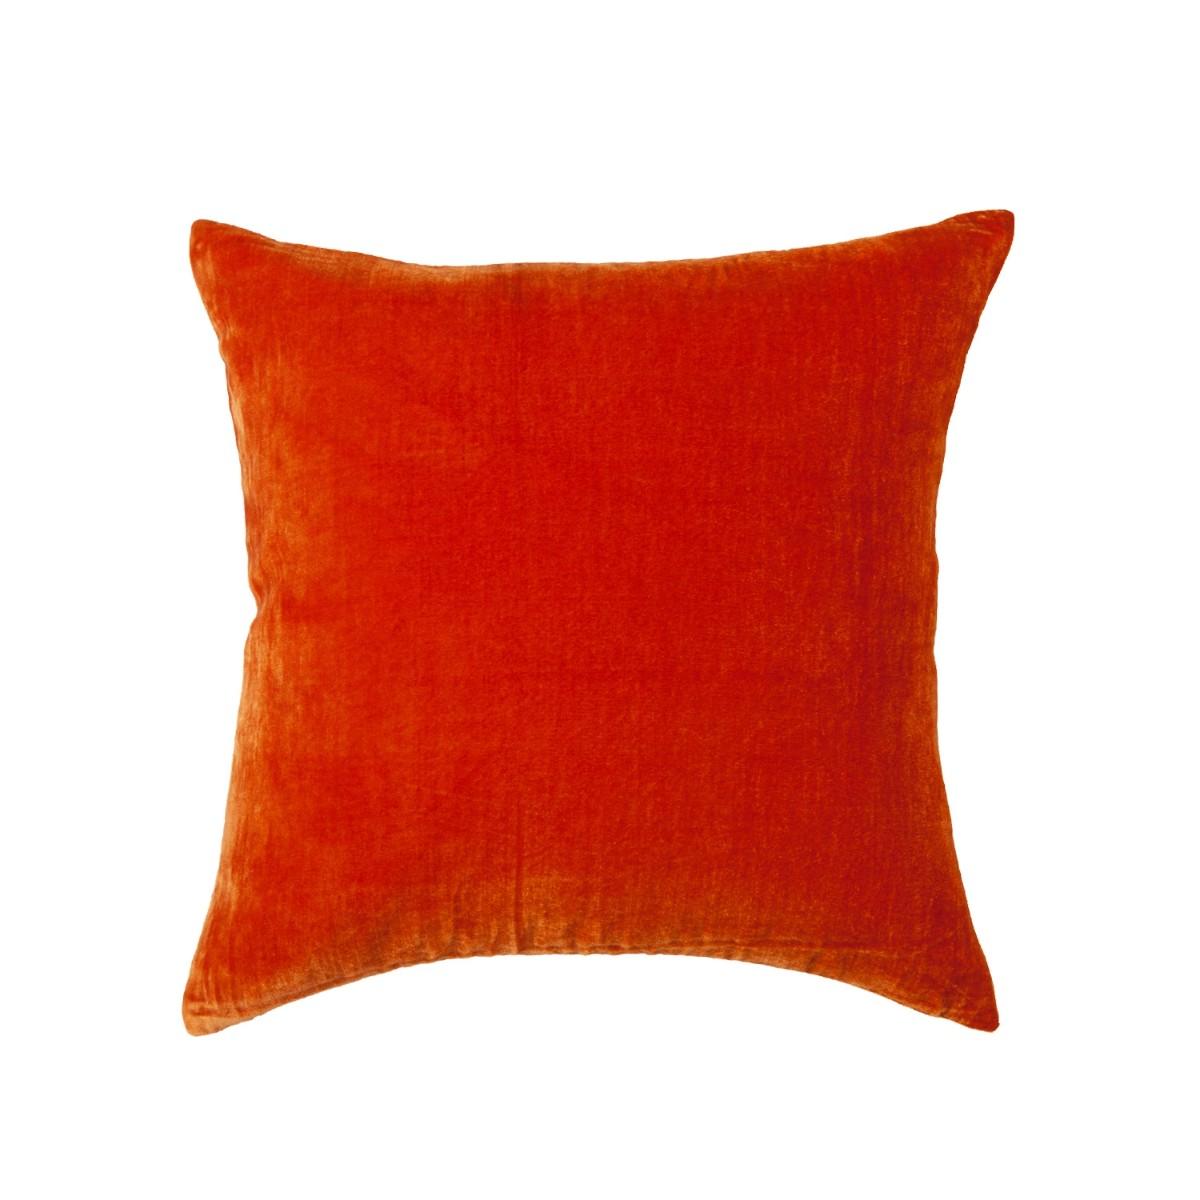 William Yeoward  Paddy Velvet Cushion Blood Orange